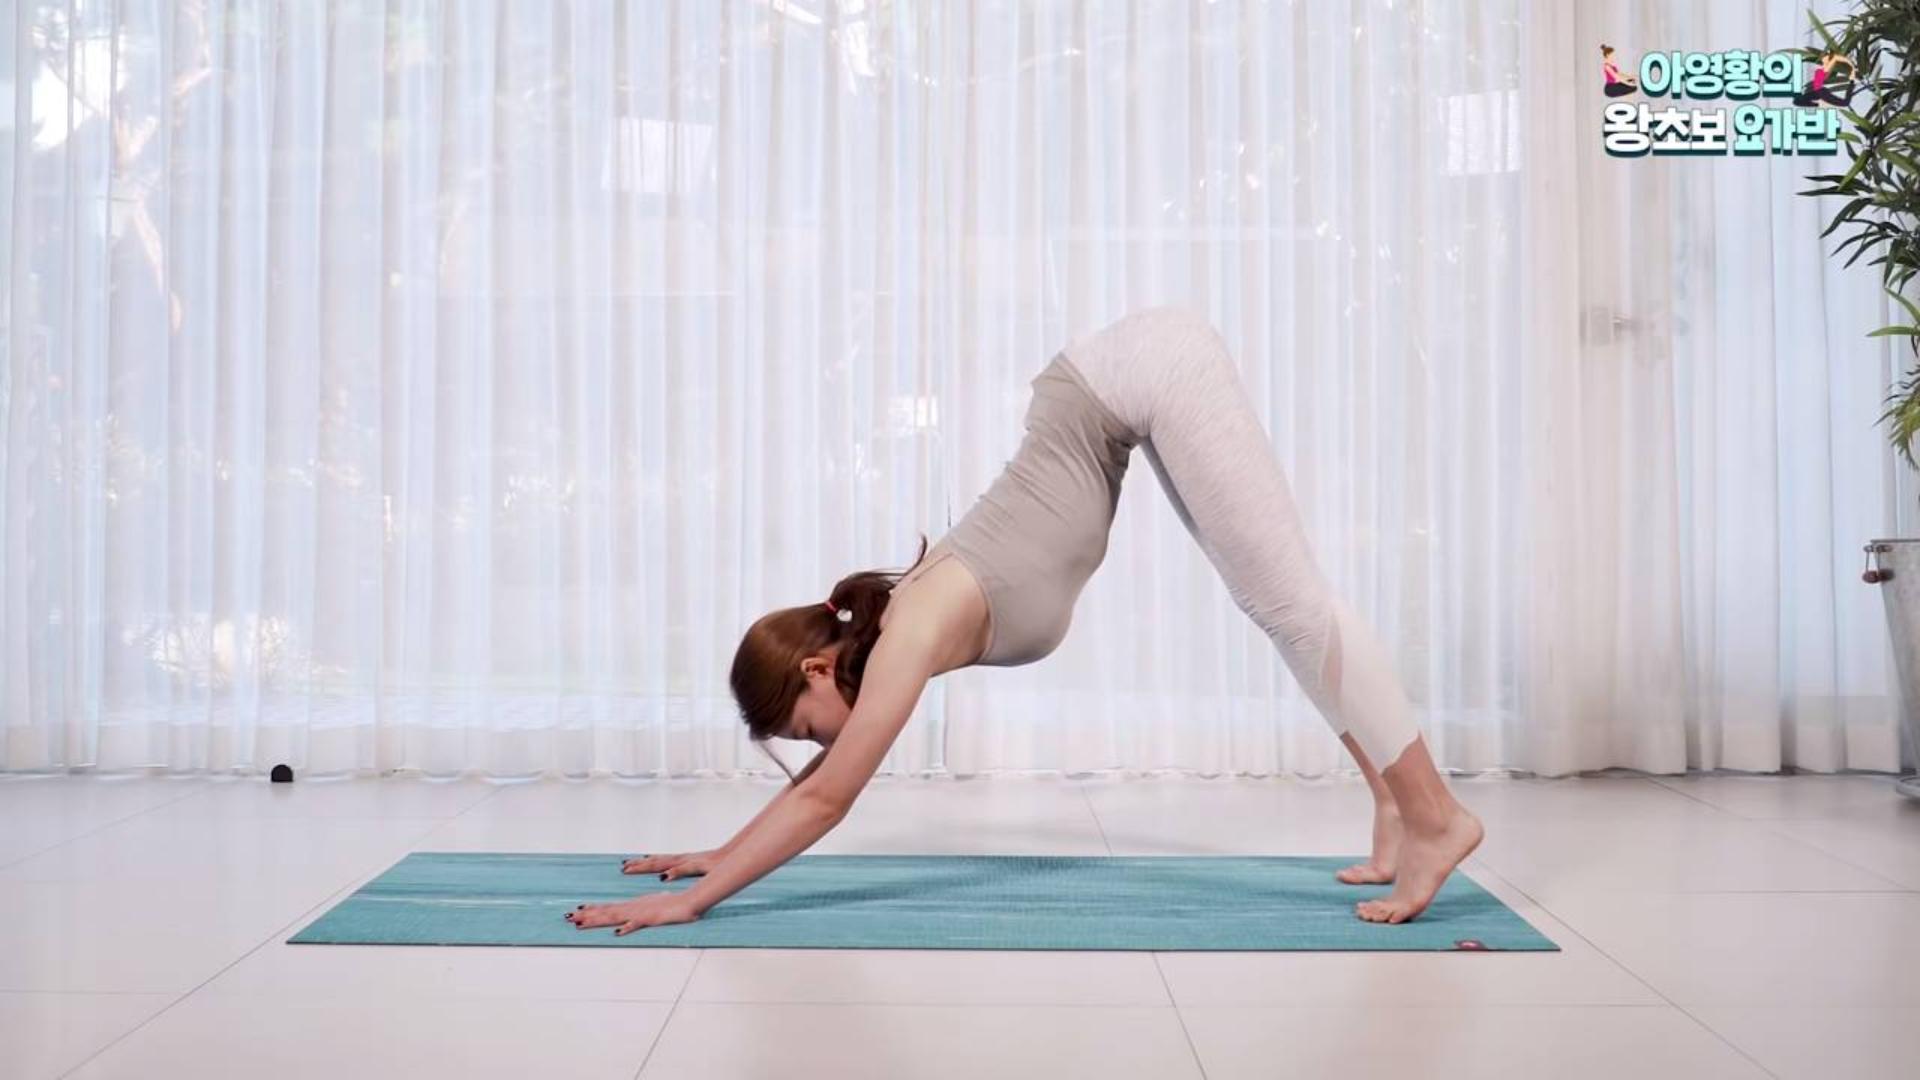 明明是放松全身的瑜伽练习,为什么反倒感觉越来越紧张了?